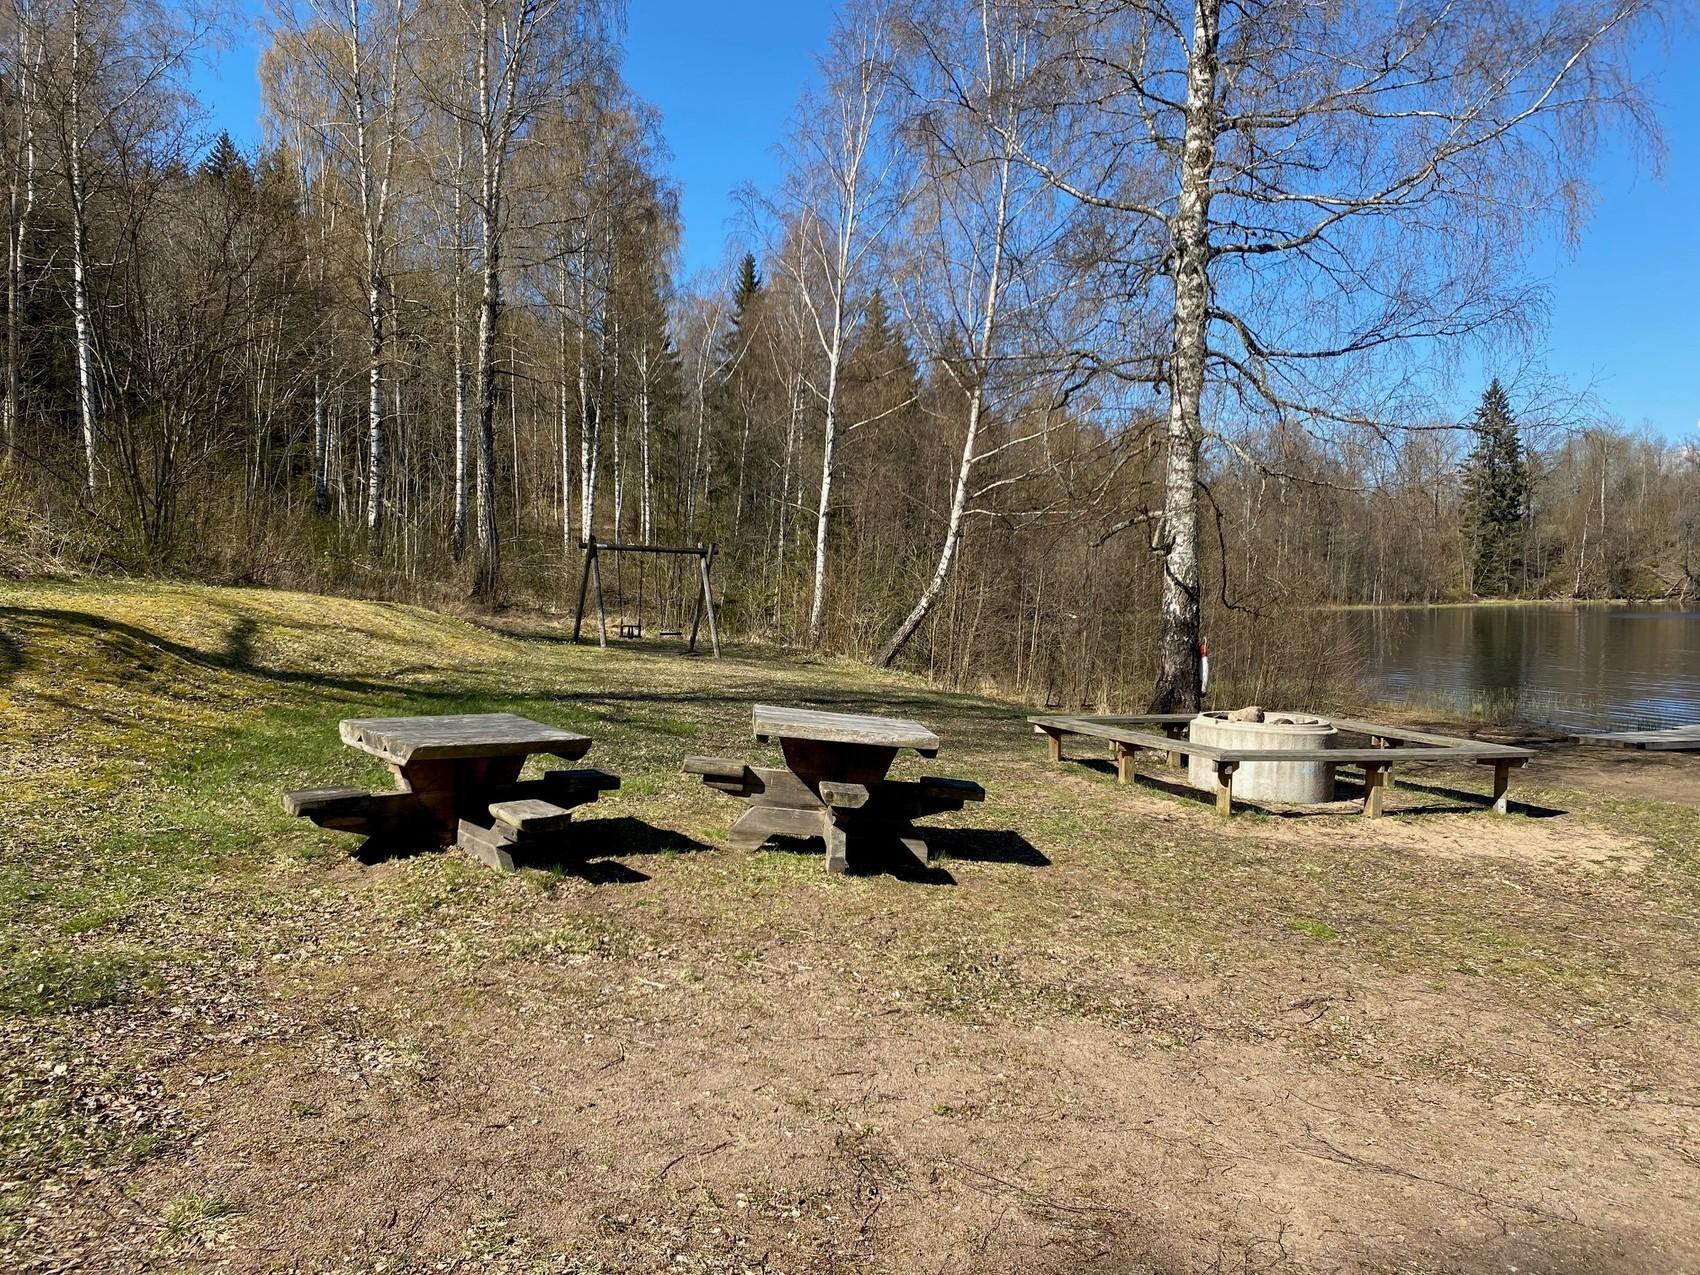 Grillplats på gräs med bord och gunga